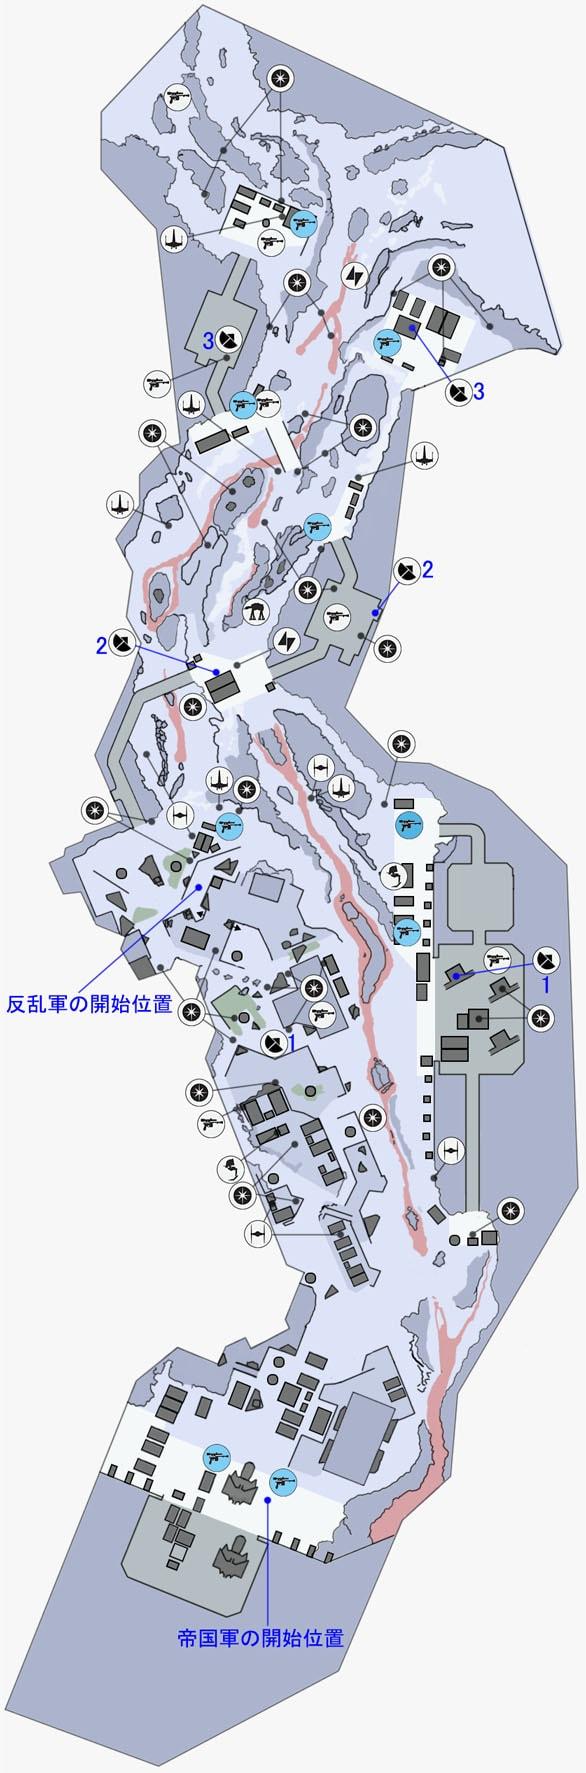 ウォーカー・アサルトのソロスーブ本社施設のマップ